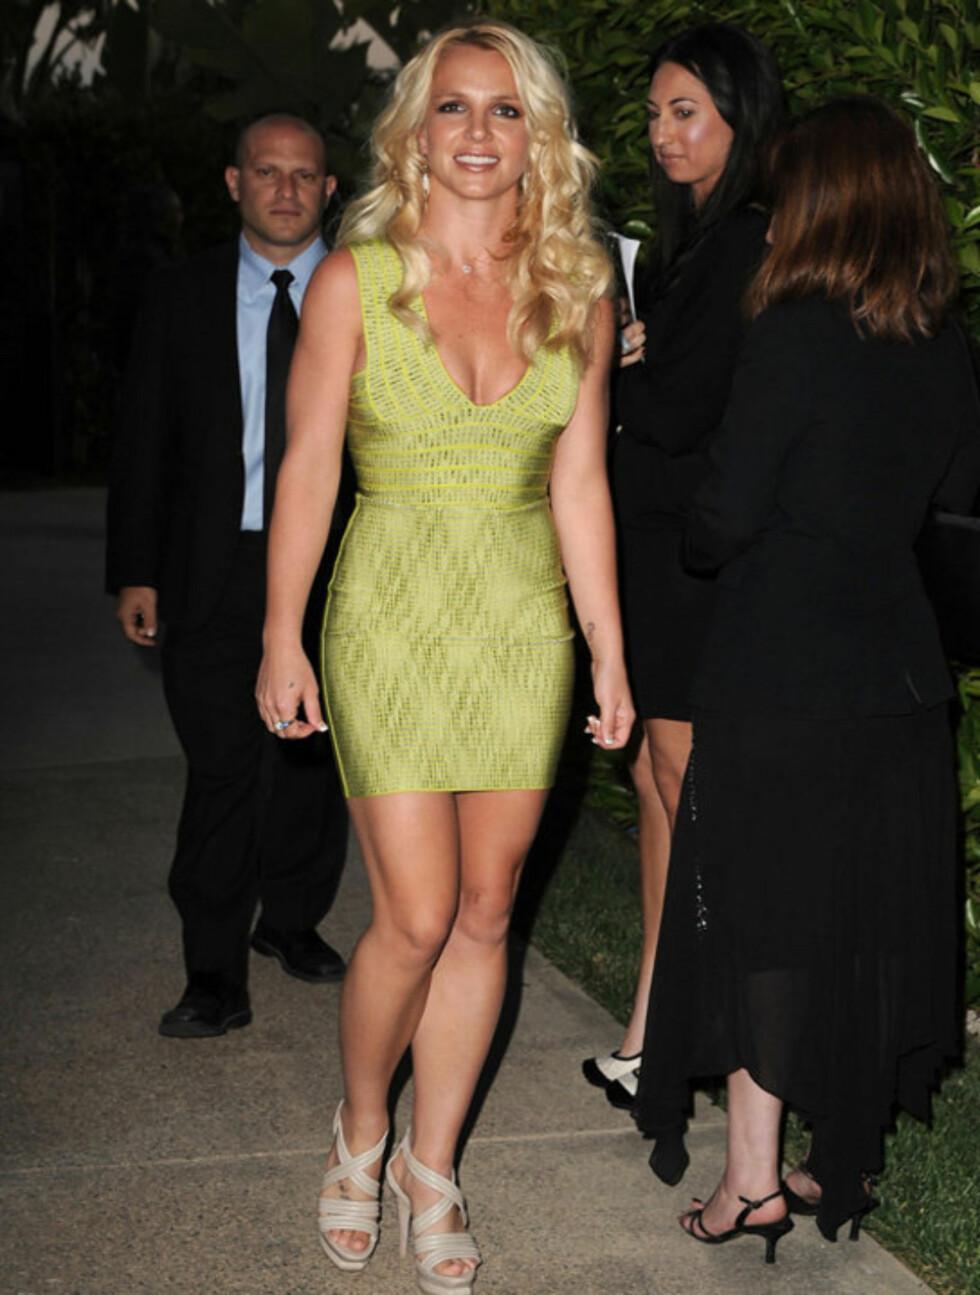 <strong>LEKRE LÅR:</strong> Britney viste stolt frem sin veltrente kropp i Beverly Hills denne uken. Flere medier mener at hun nå er tilbake i sin gode, gamle form.  Foto: All Over Press